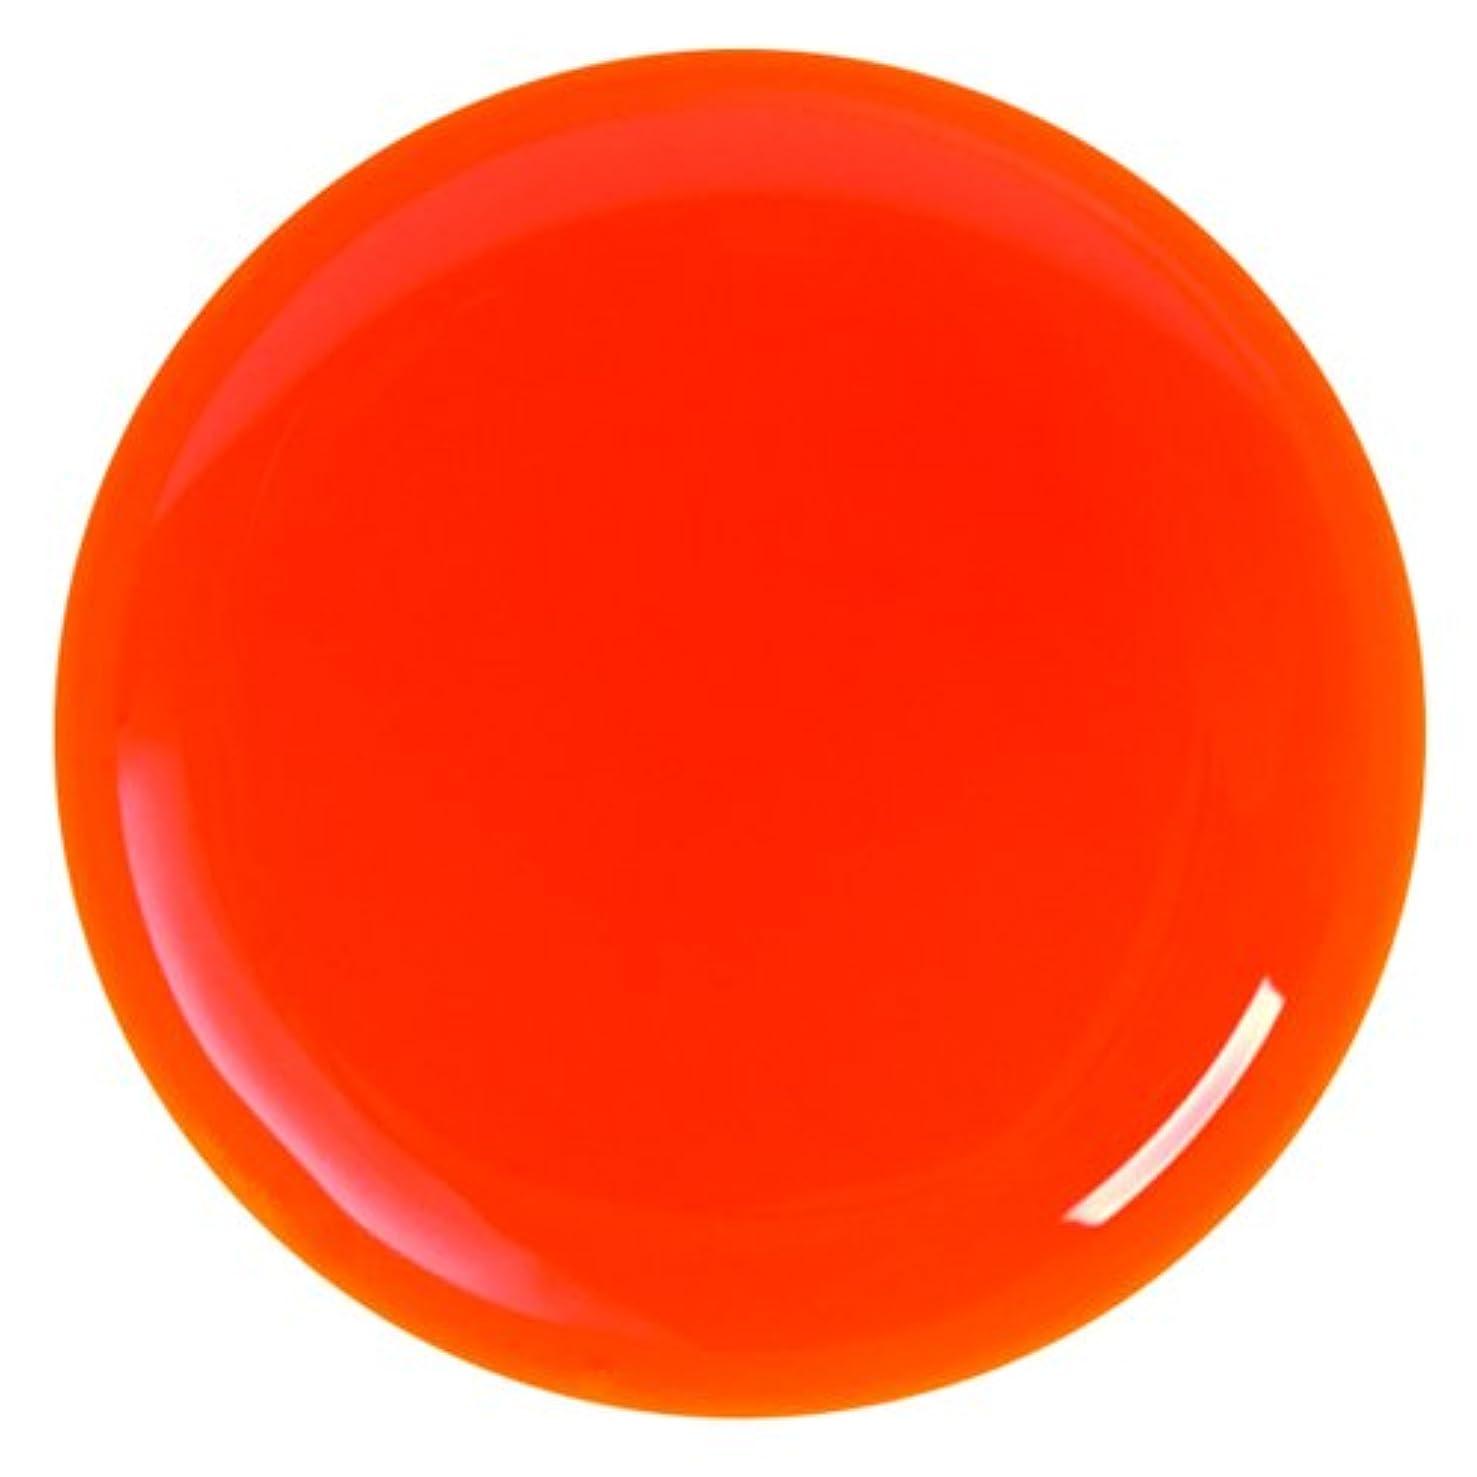 マントルプレビスサイトすすり泣きMY GEL(マイジェル) ソフトジェル バレンシアオレンジ 4g 【マット】 発色が良くリフトしにくい!